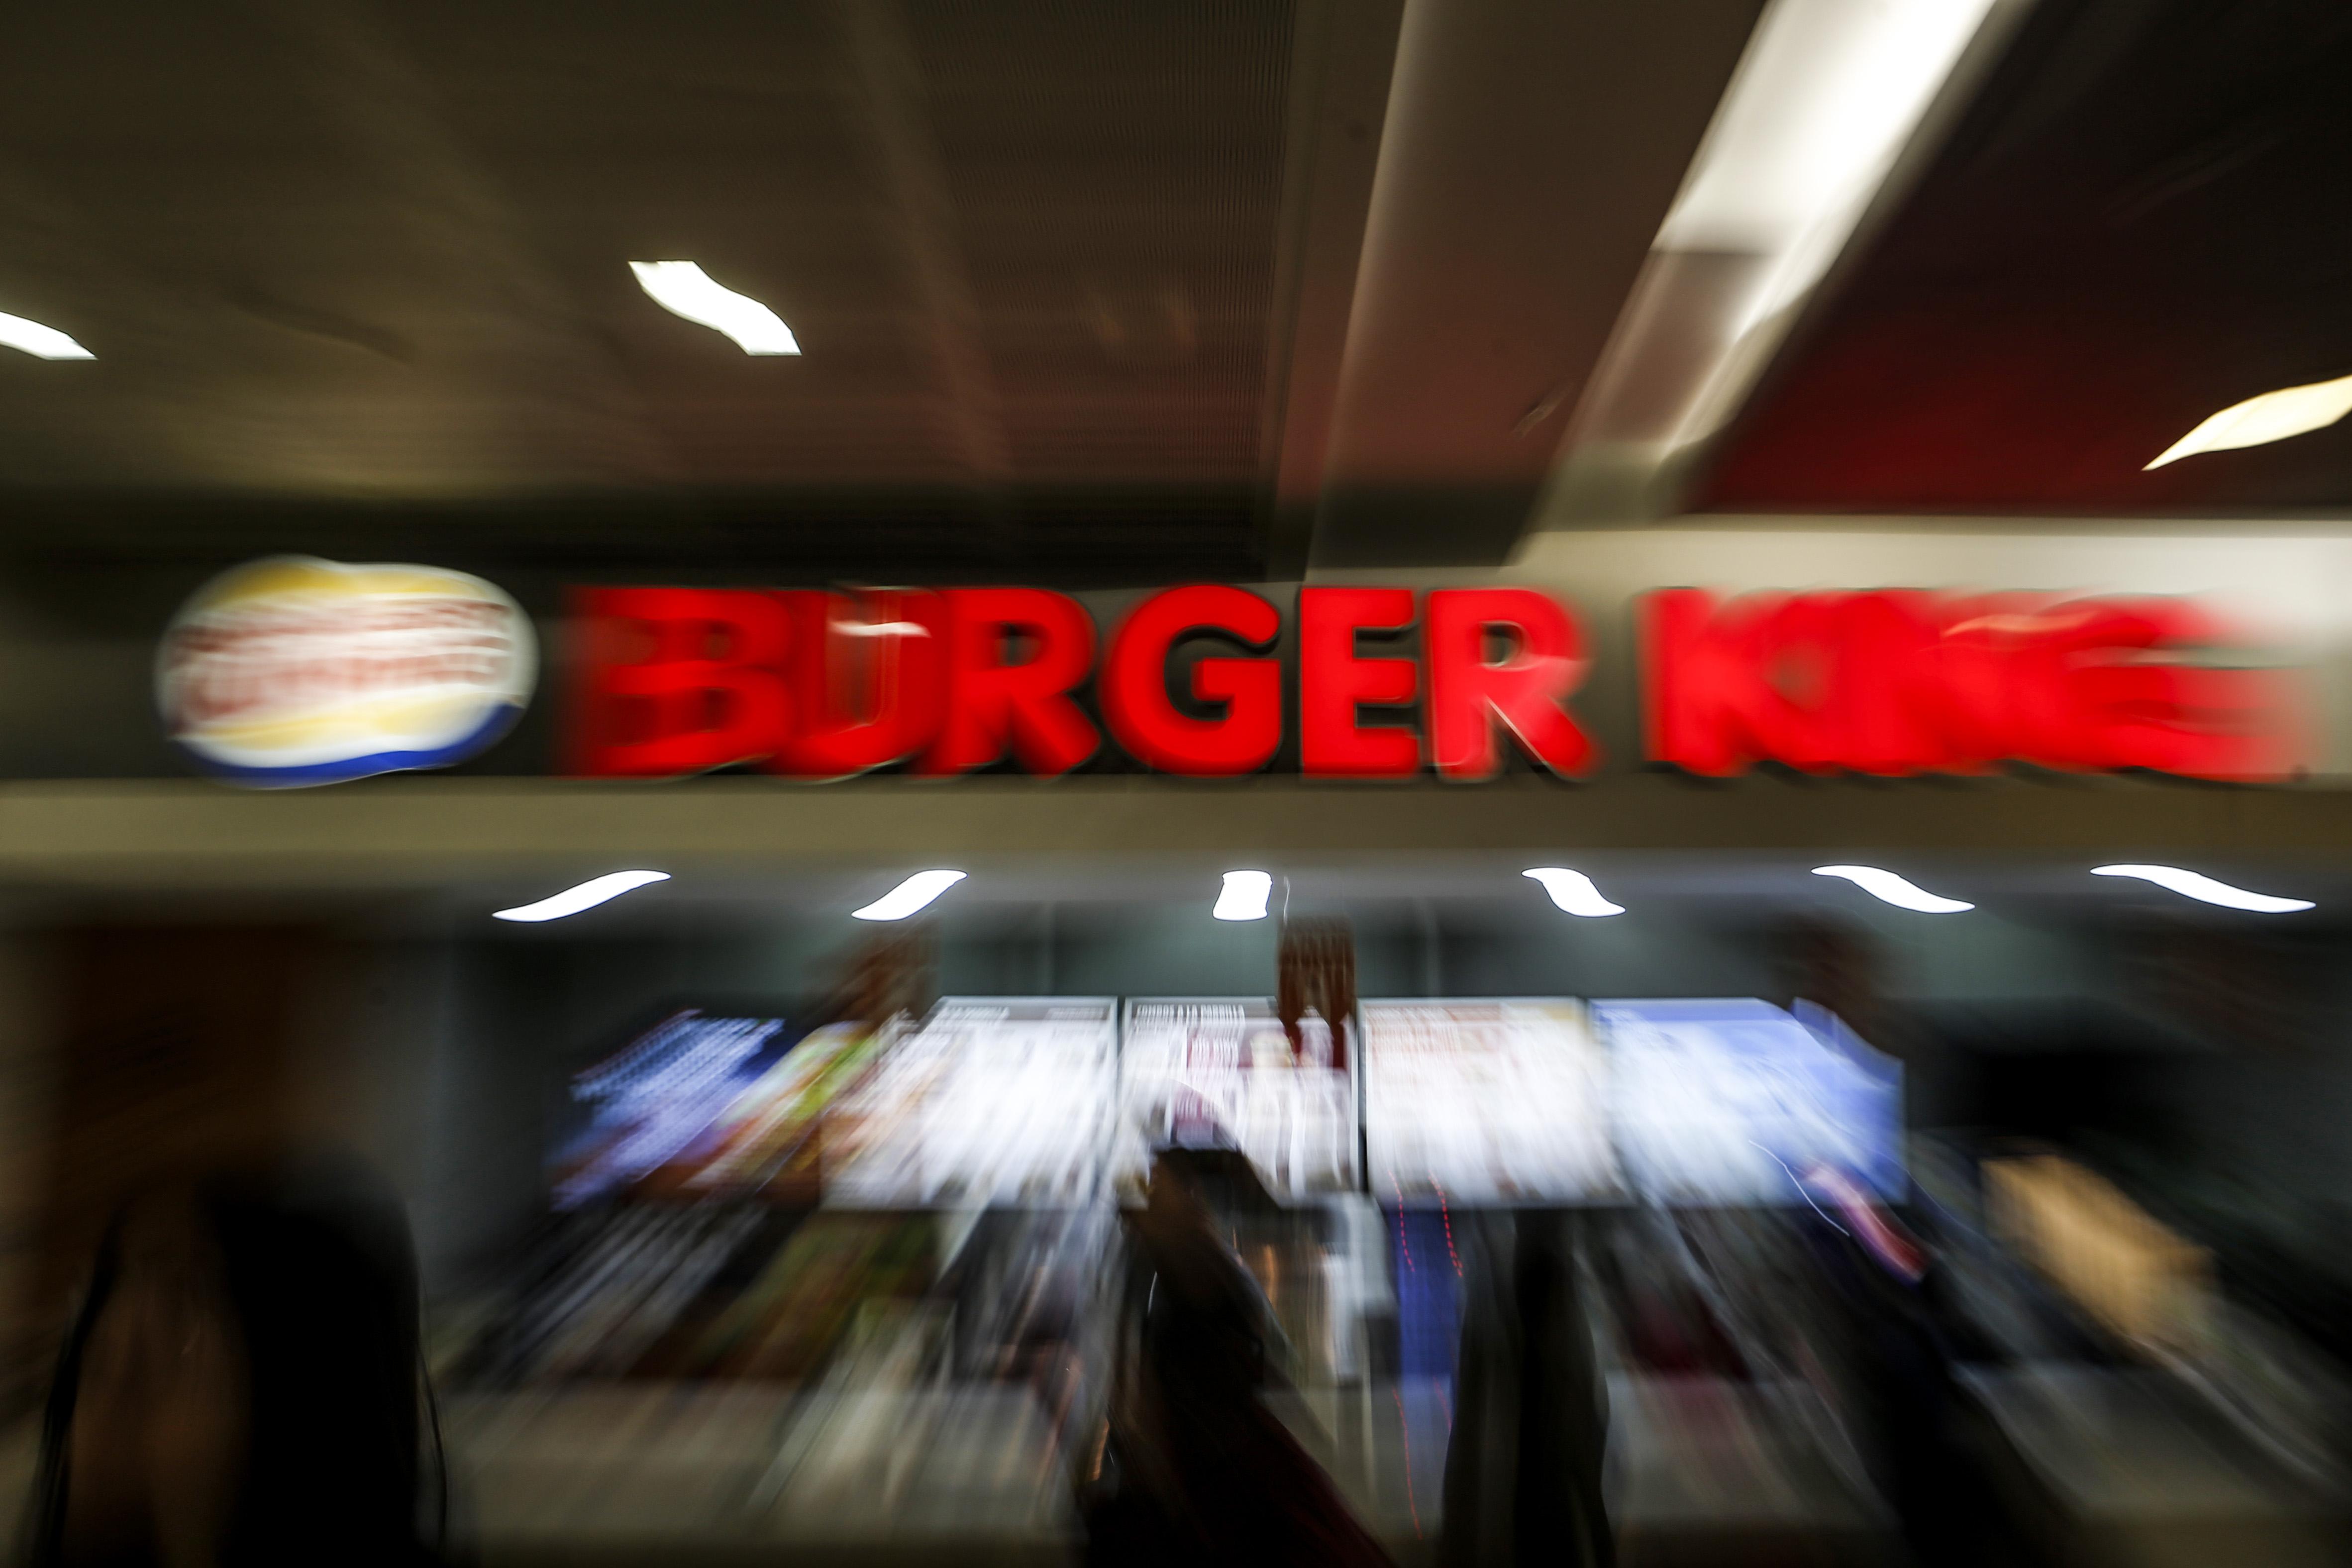 FOTO  Burger King y Metro salen a responder críticas por polémica publicidad sobre inmigrantes